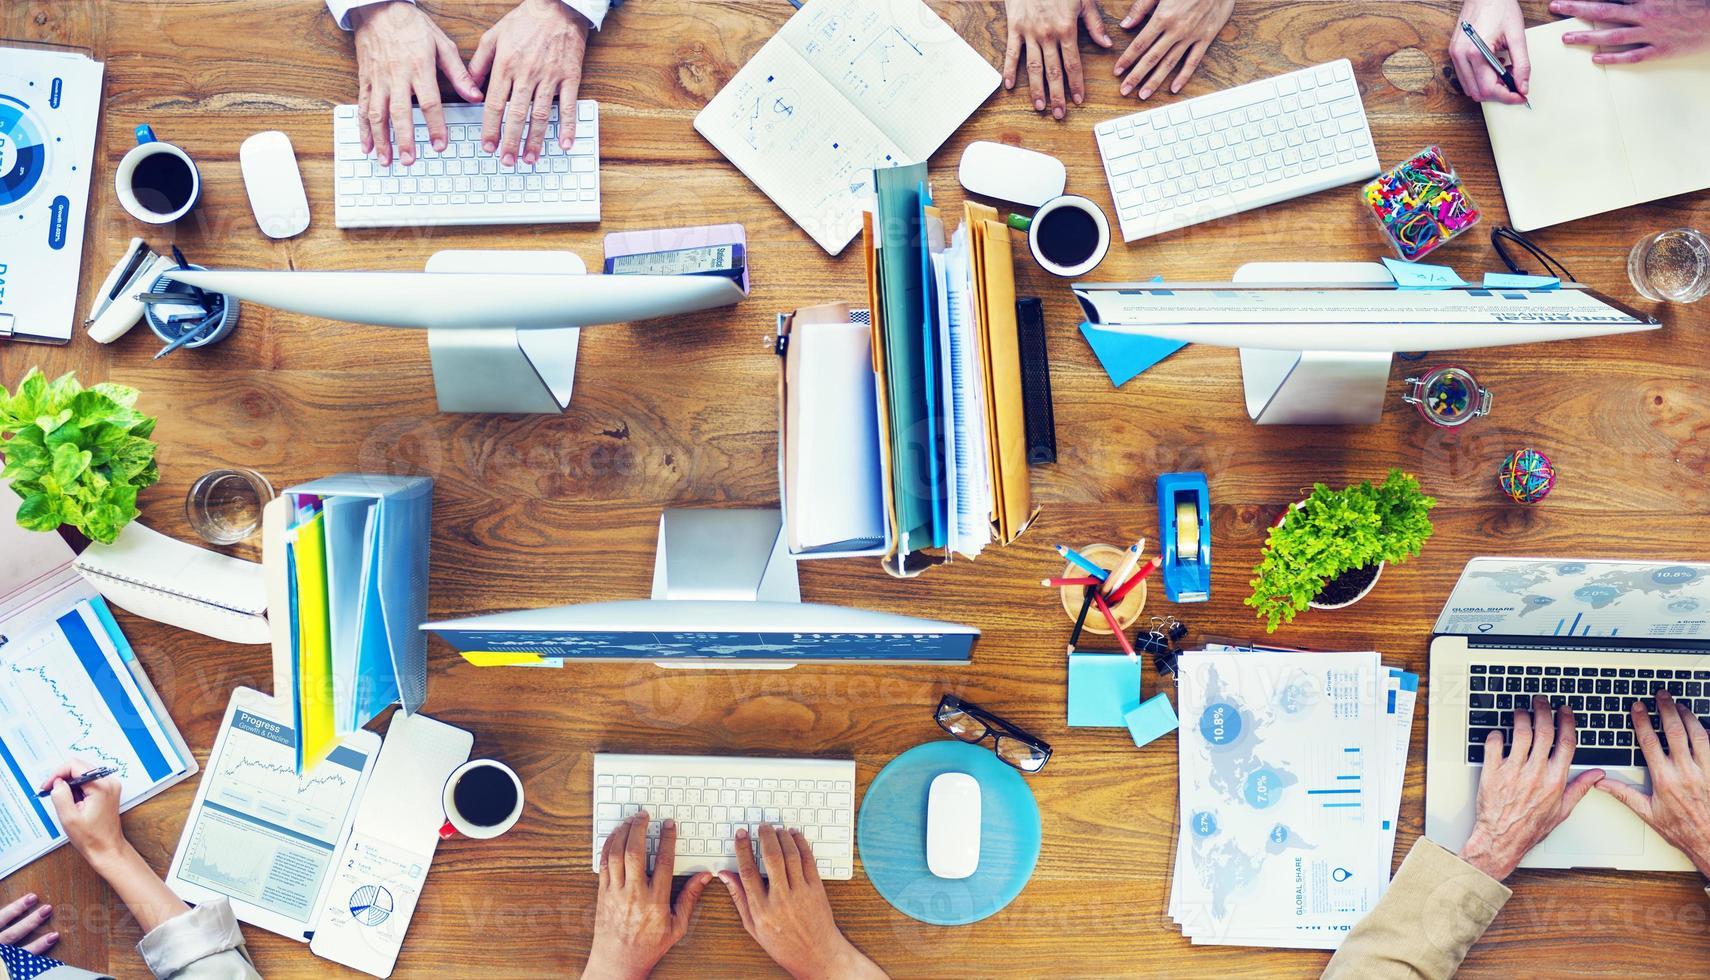 gruppo di uomini d'affari impegnati a lavorare in ufficio foto